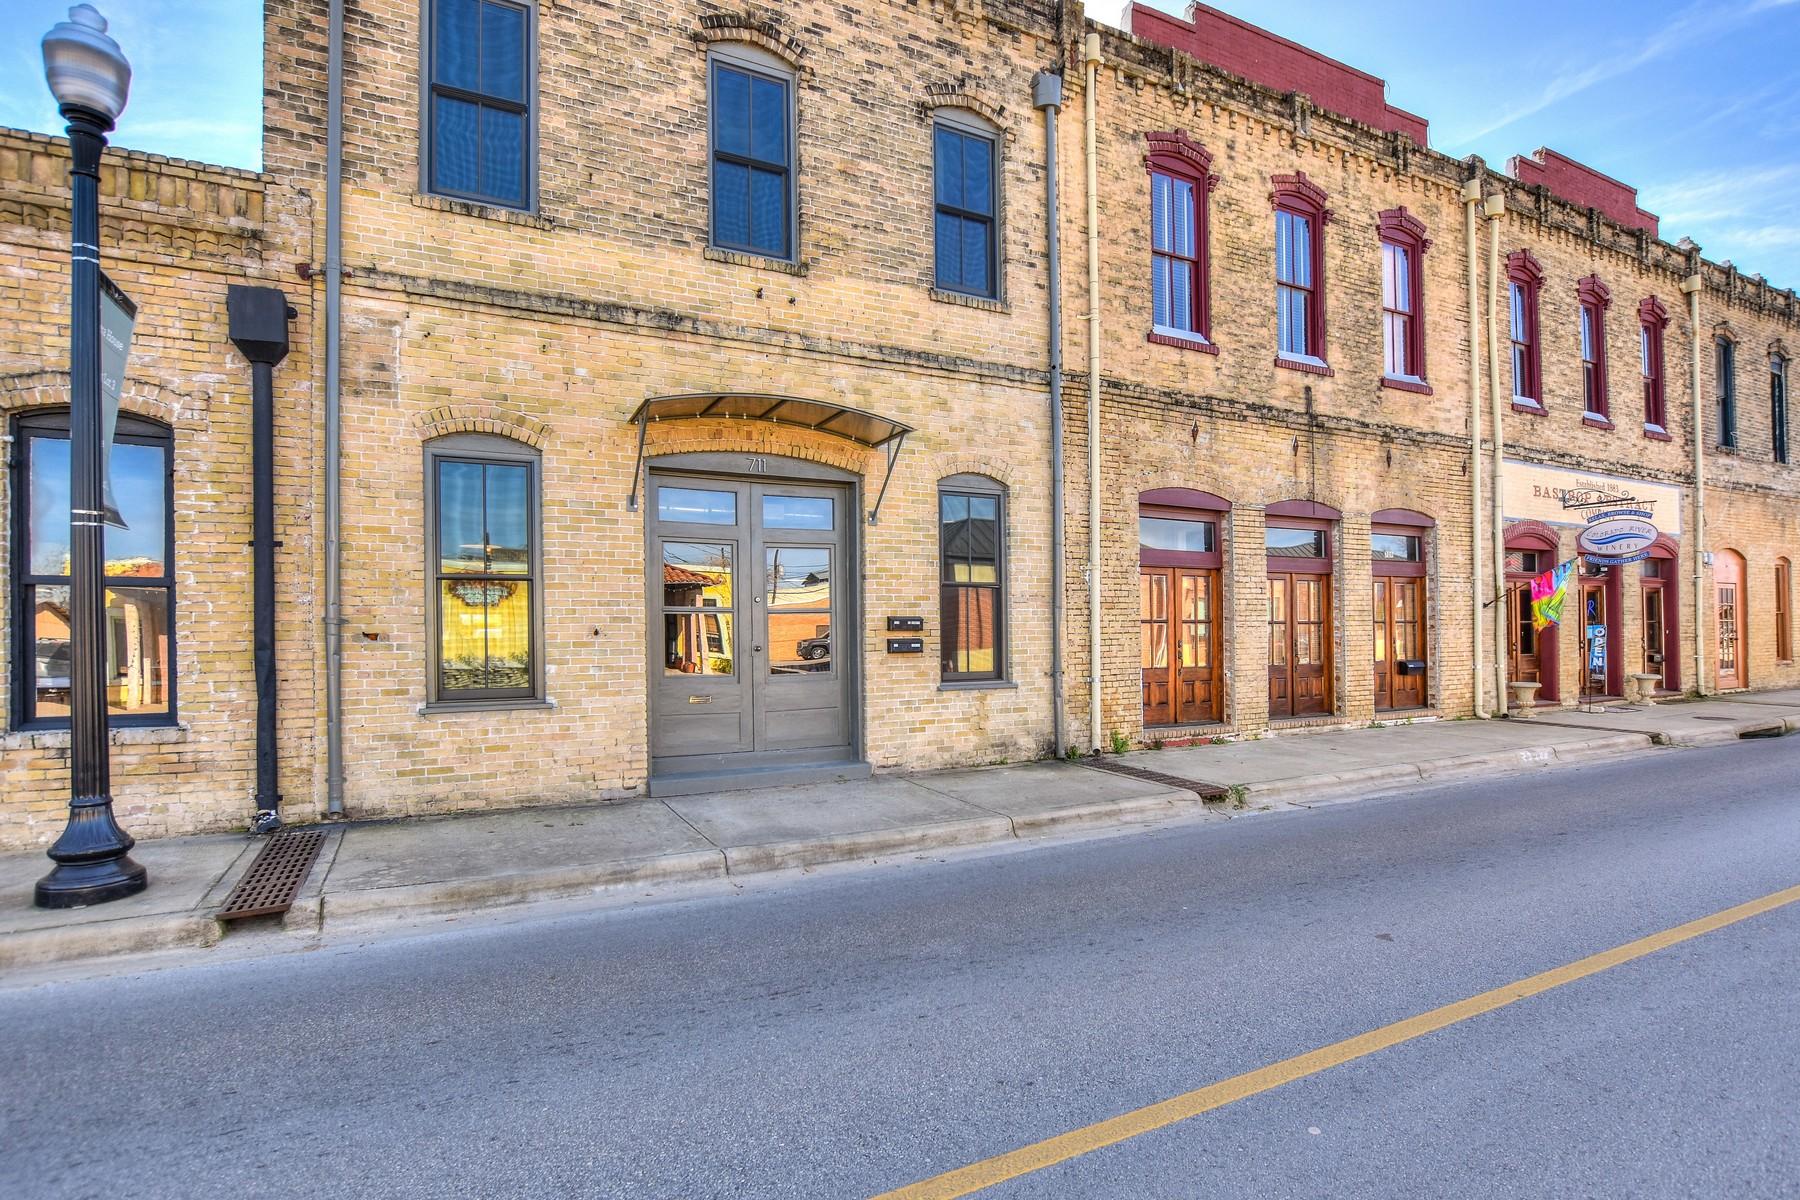 Casa Unifamiliar por un Venta en Live/Work Space in Historic District of Bastrop 711 Chestnut St Bastrop, Texas 78602 Estados Unidos